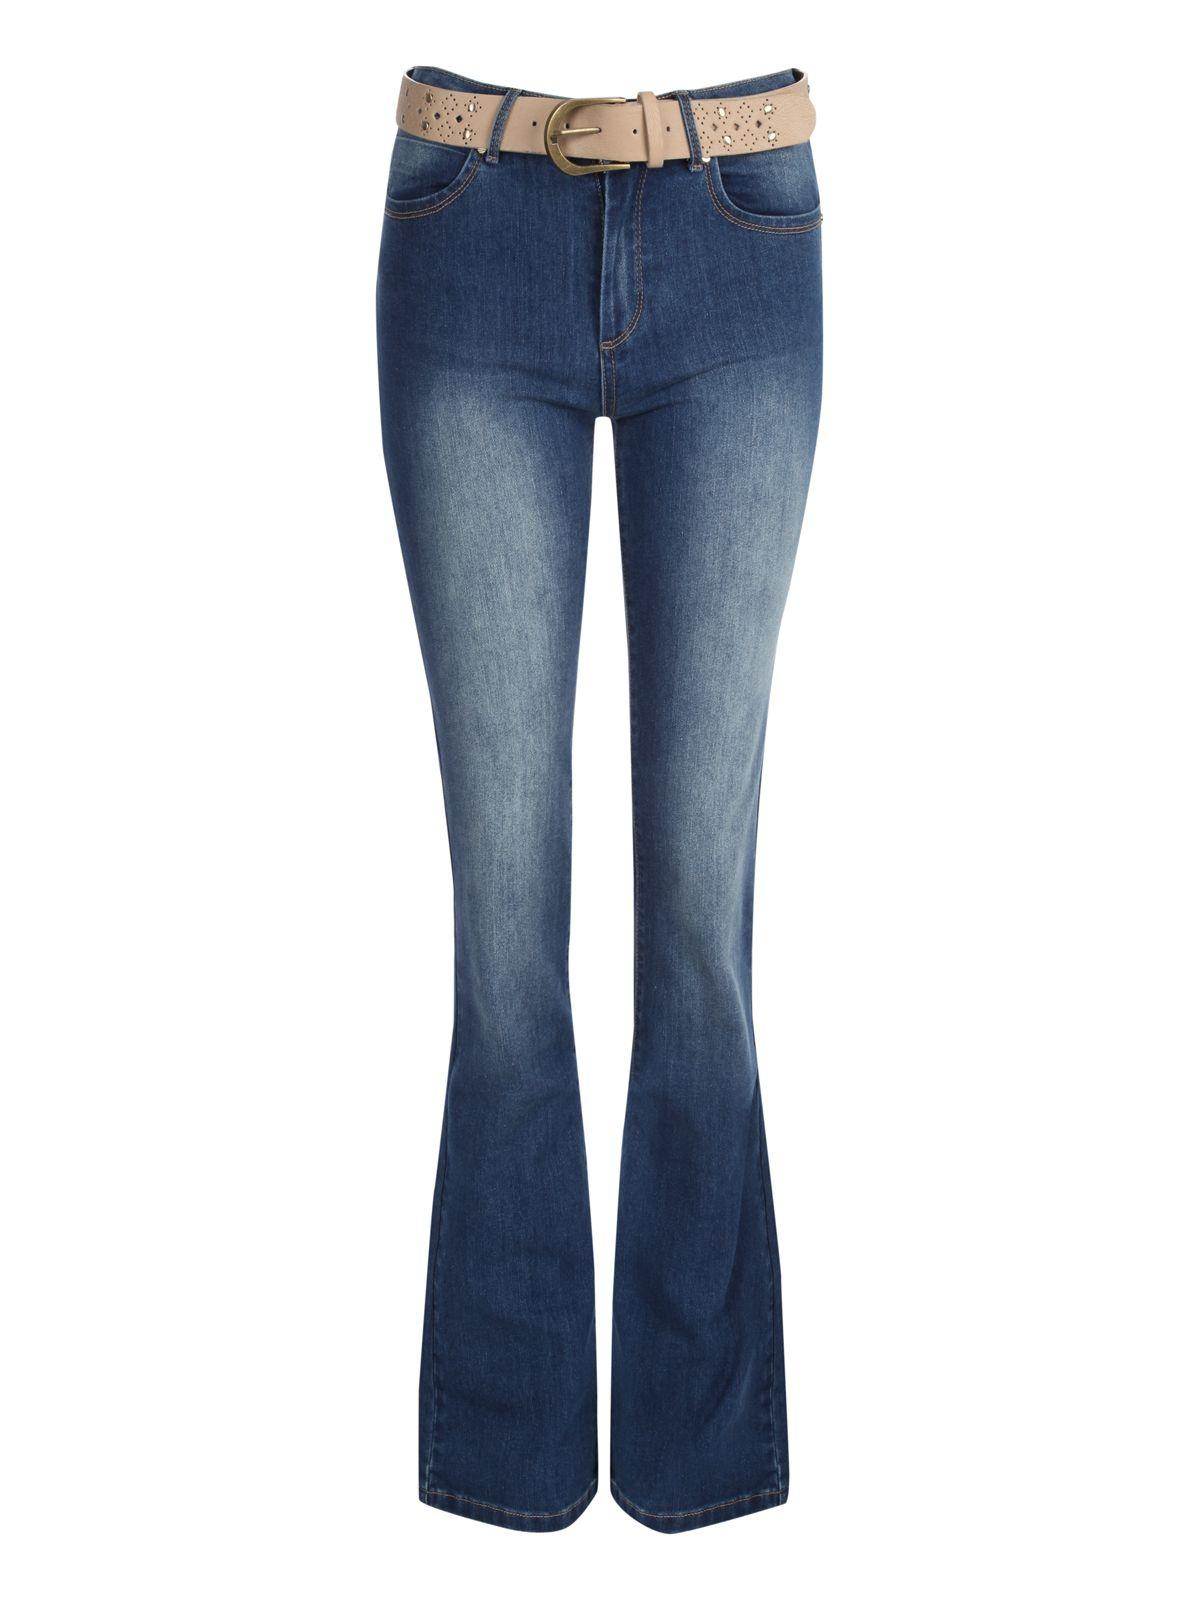 Womens Boyfriend Fit Jeans